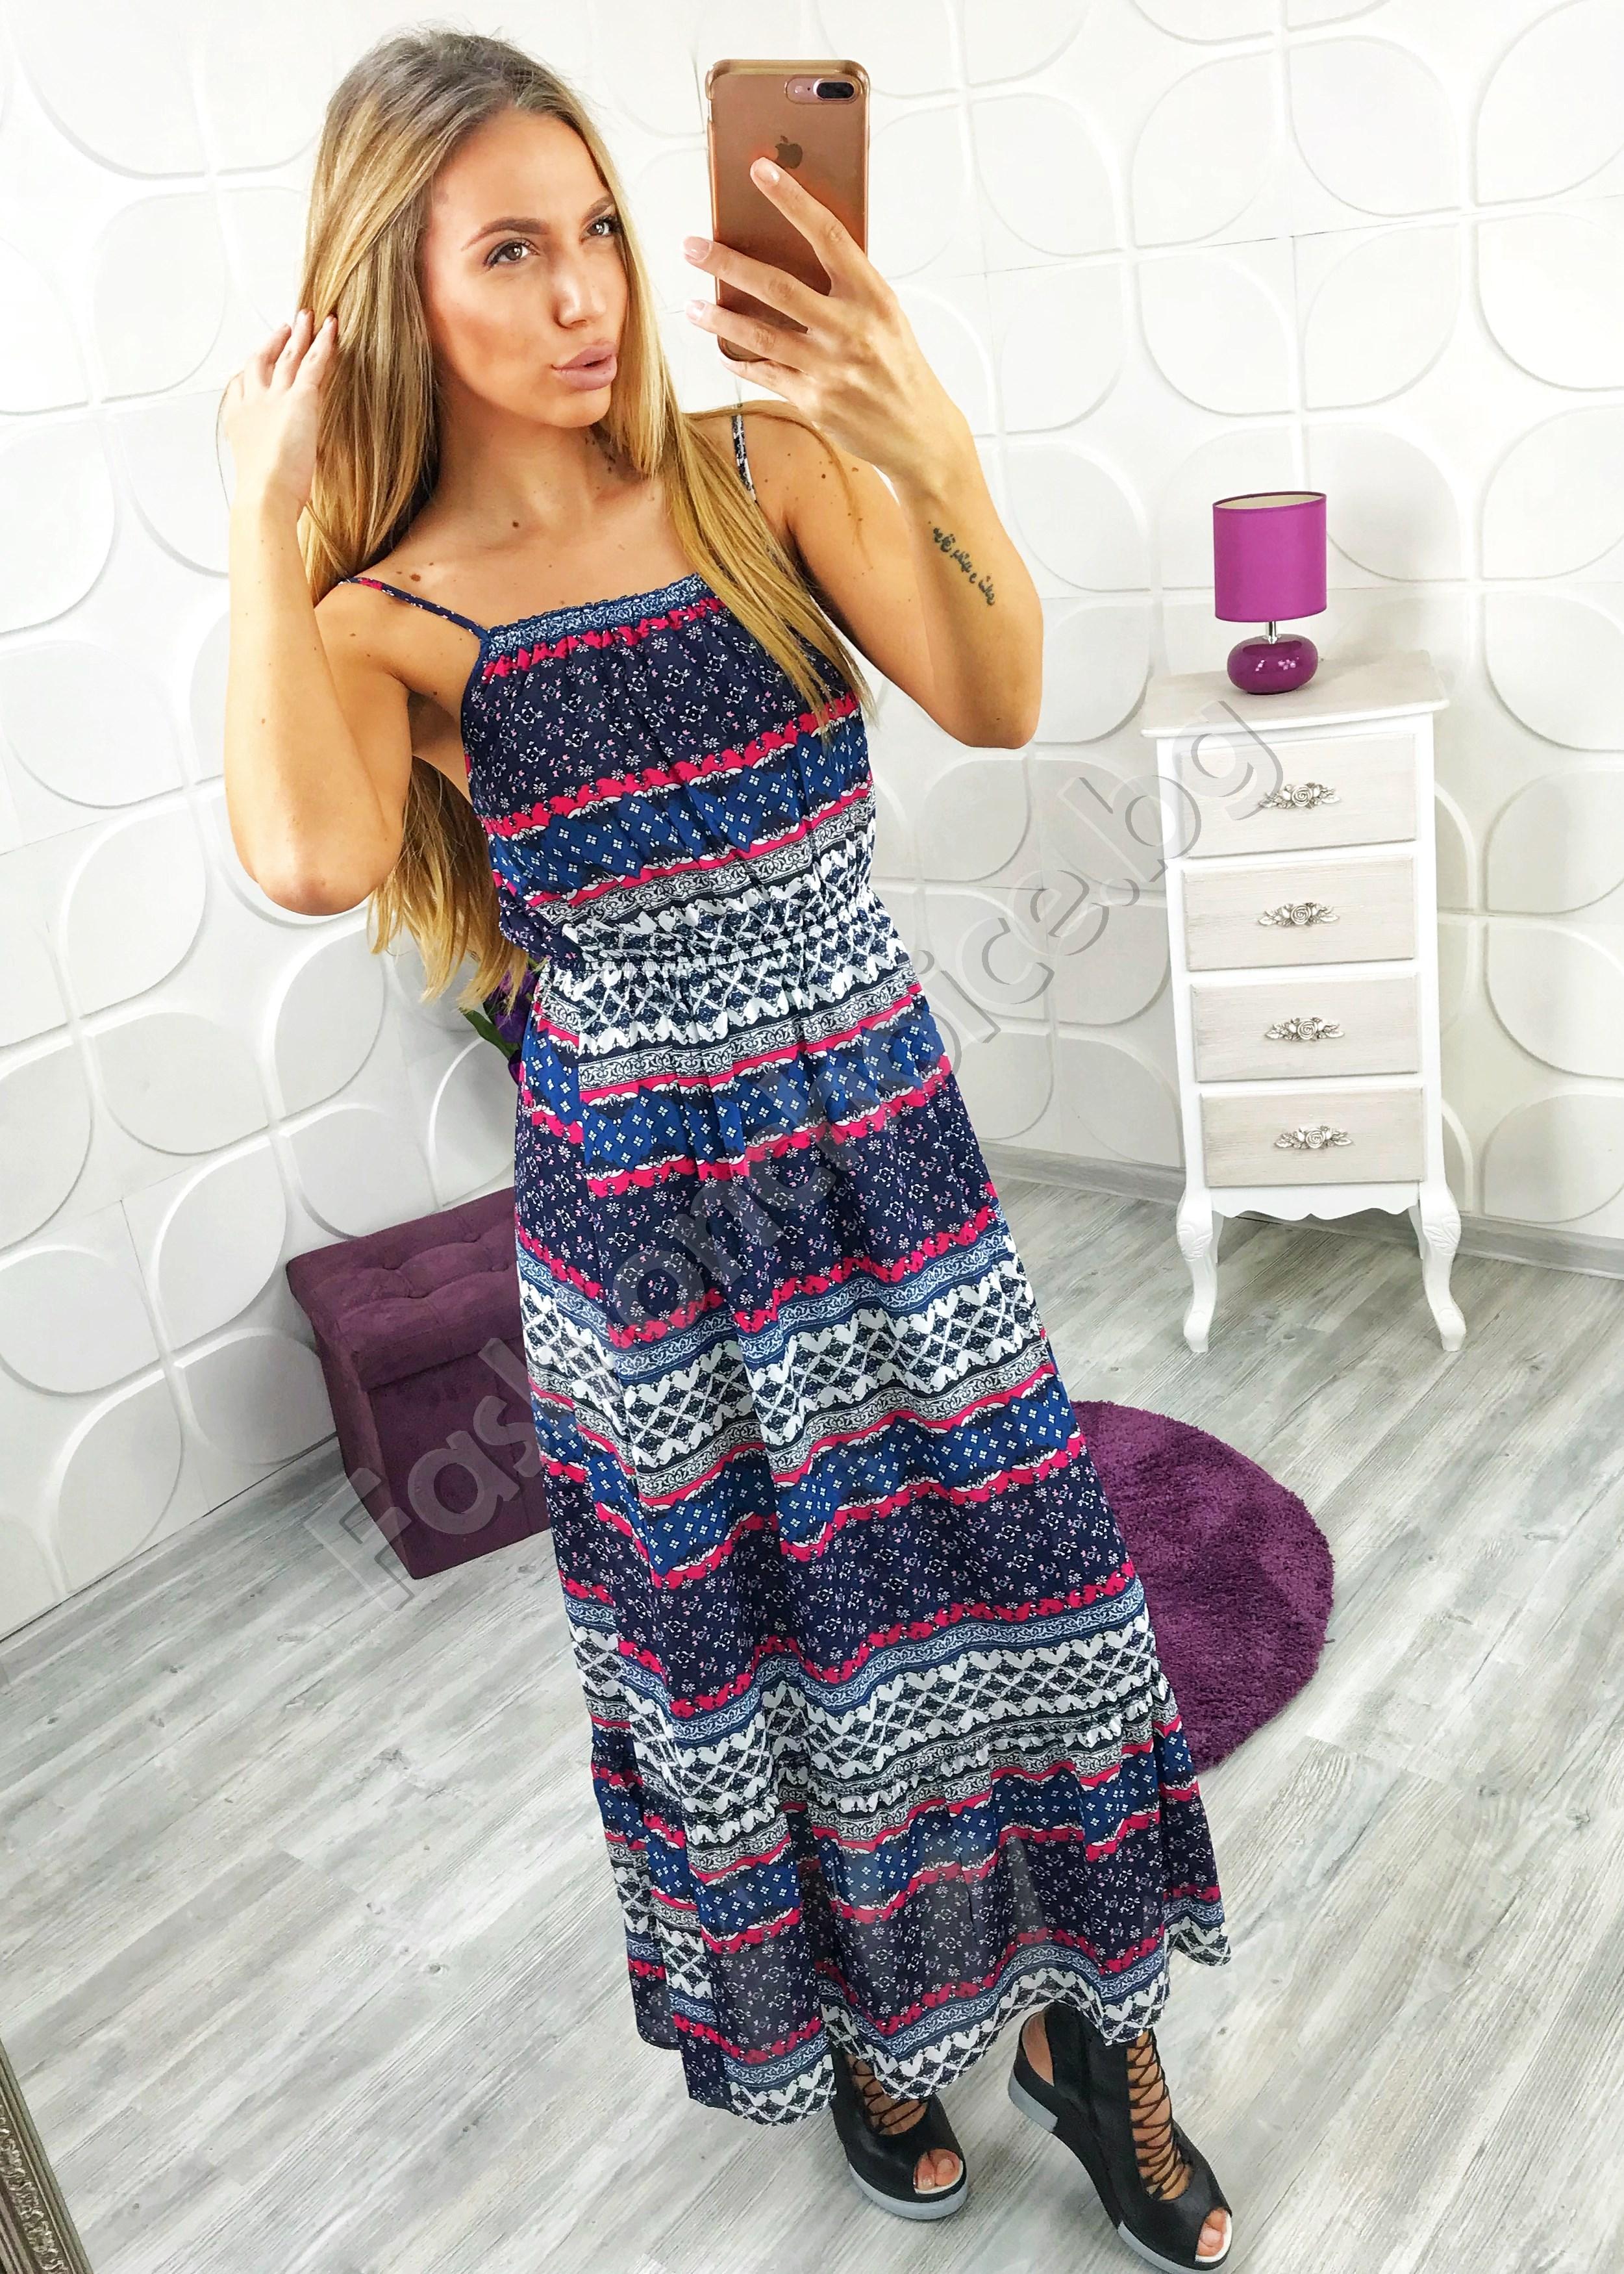 70a9176f375 Лятна дамска рокля в два цвята с тънки презрамки от fashionchoice.bg